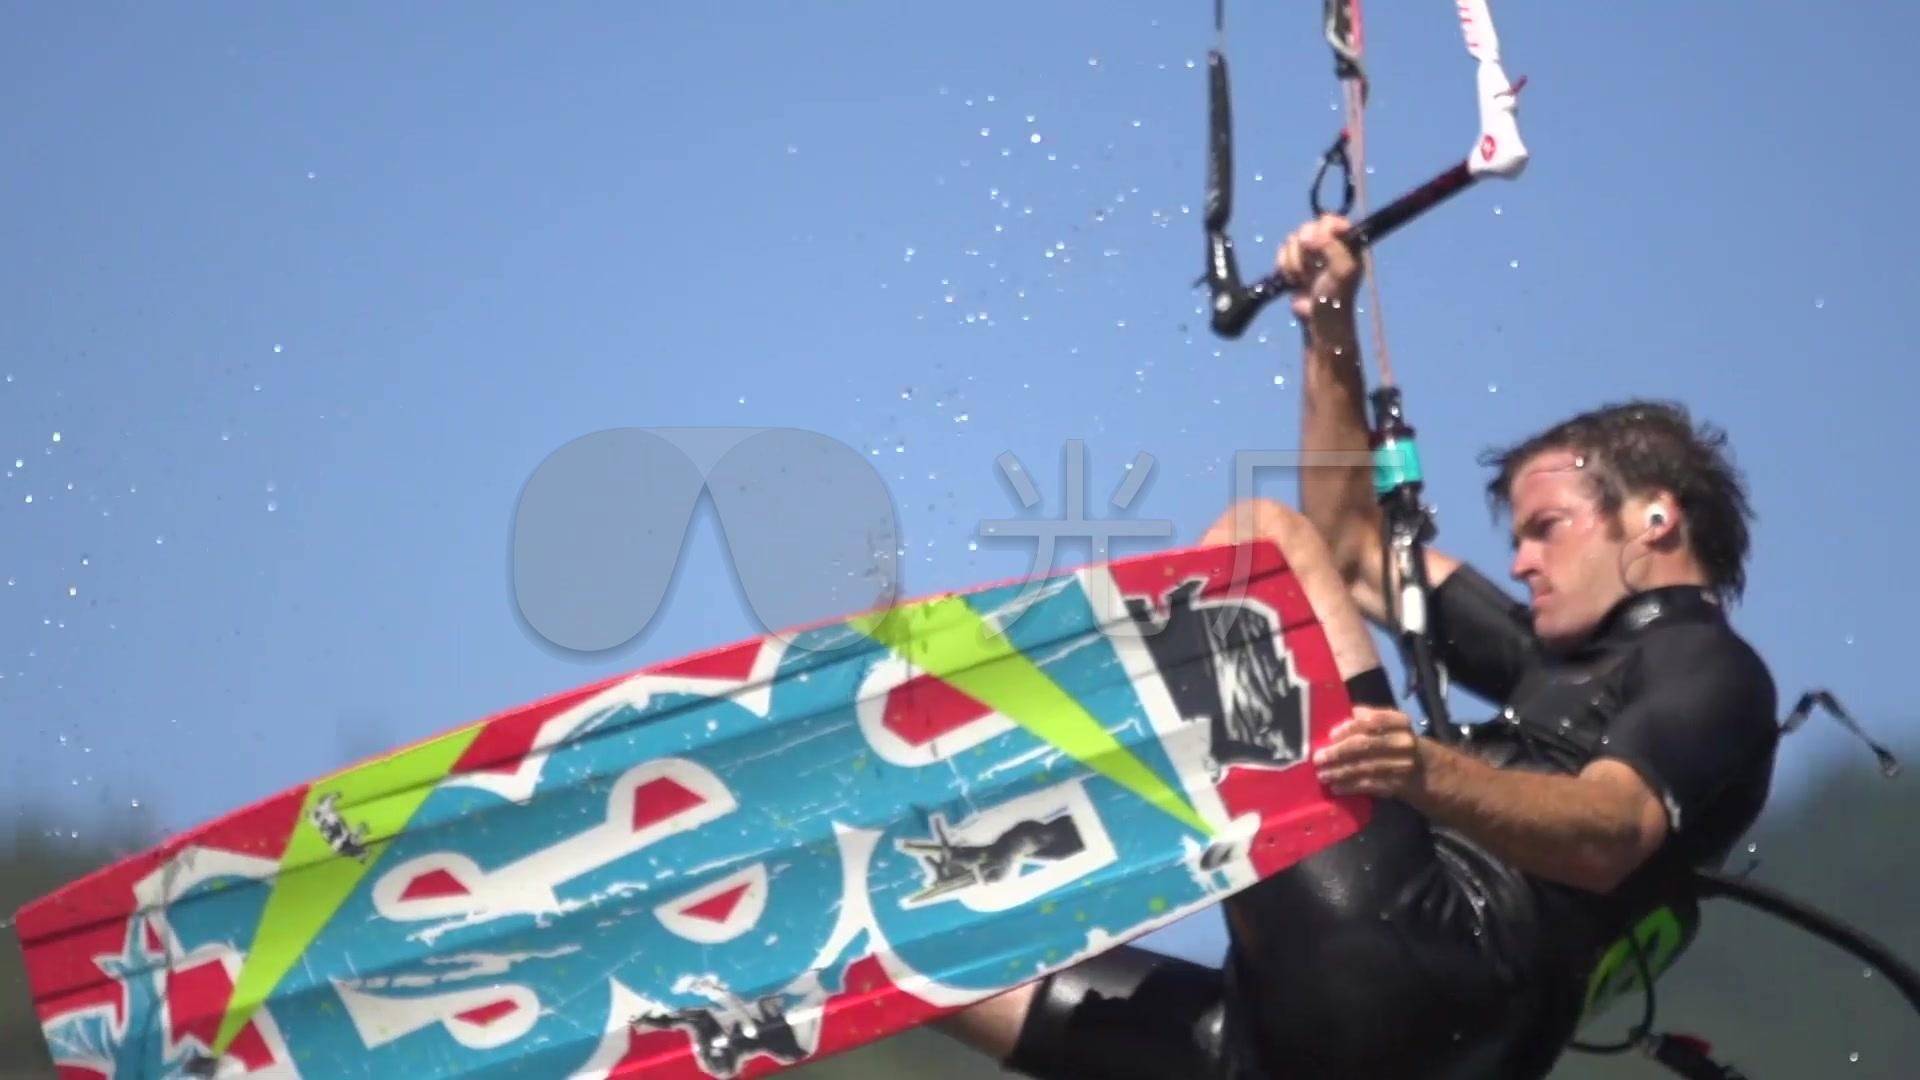 酷炫升格央视摩托艇冲浪v央视_1920X1080_高案滑板大火视频图片